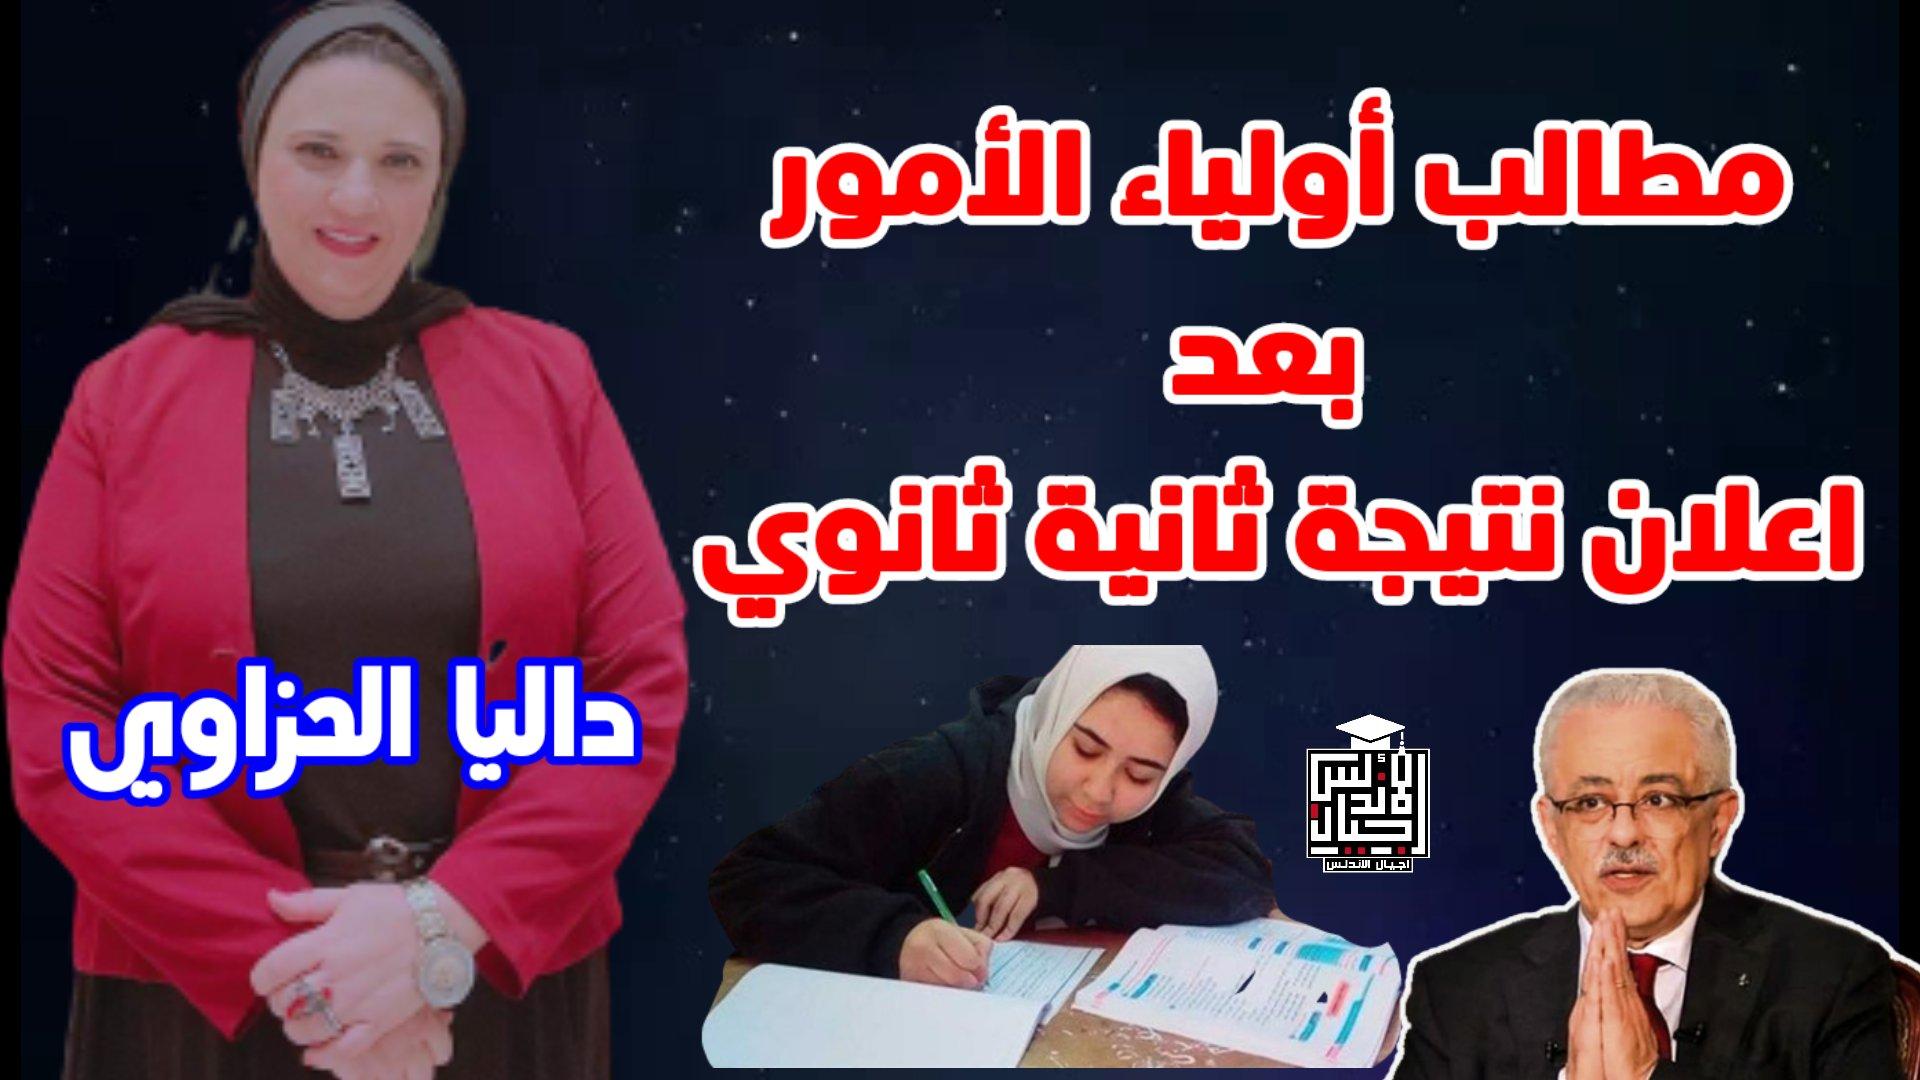 مطالب اولياء امور مصر بعد اعلان نتيجة تانية ثانوي